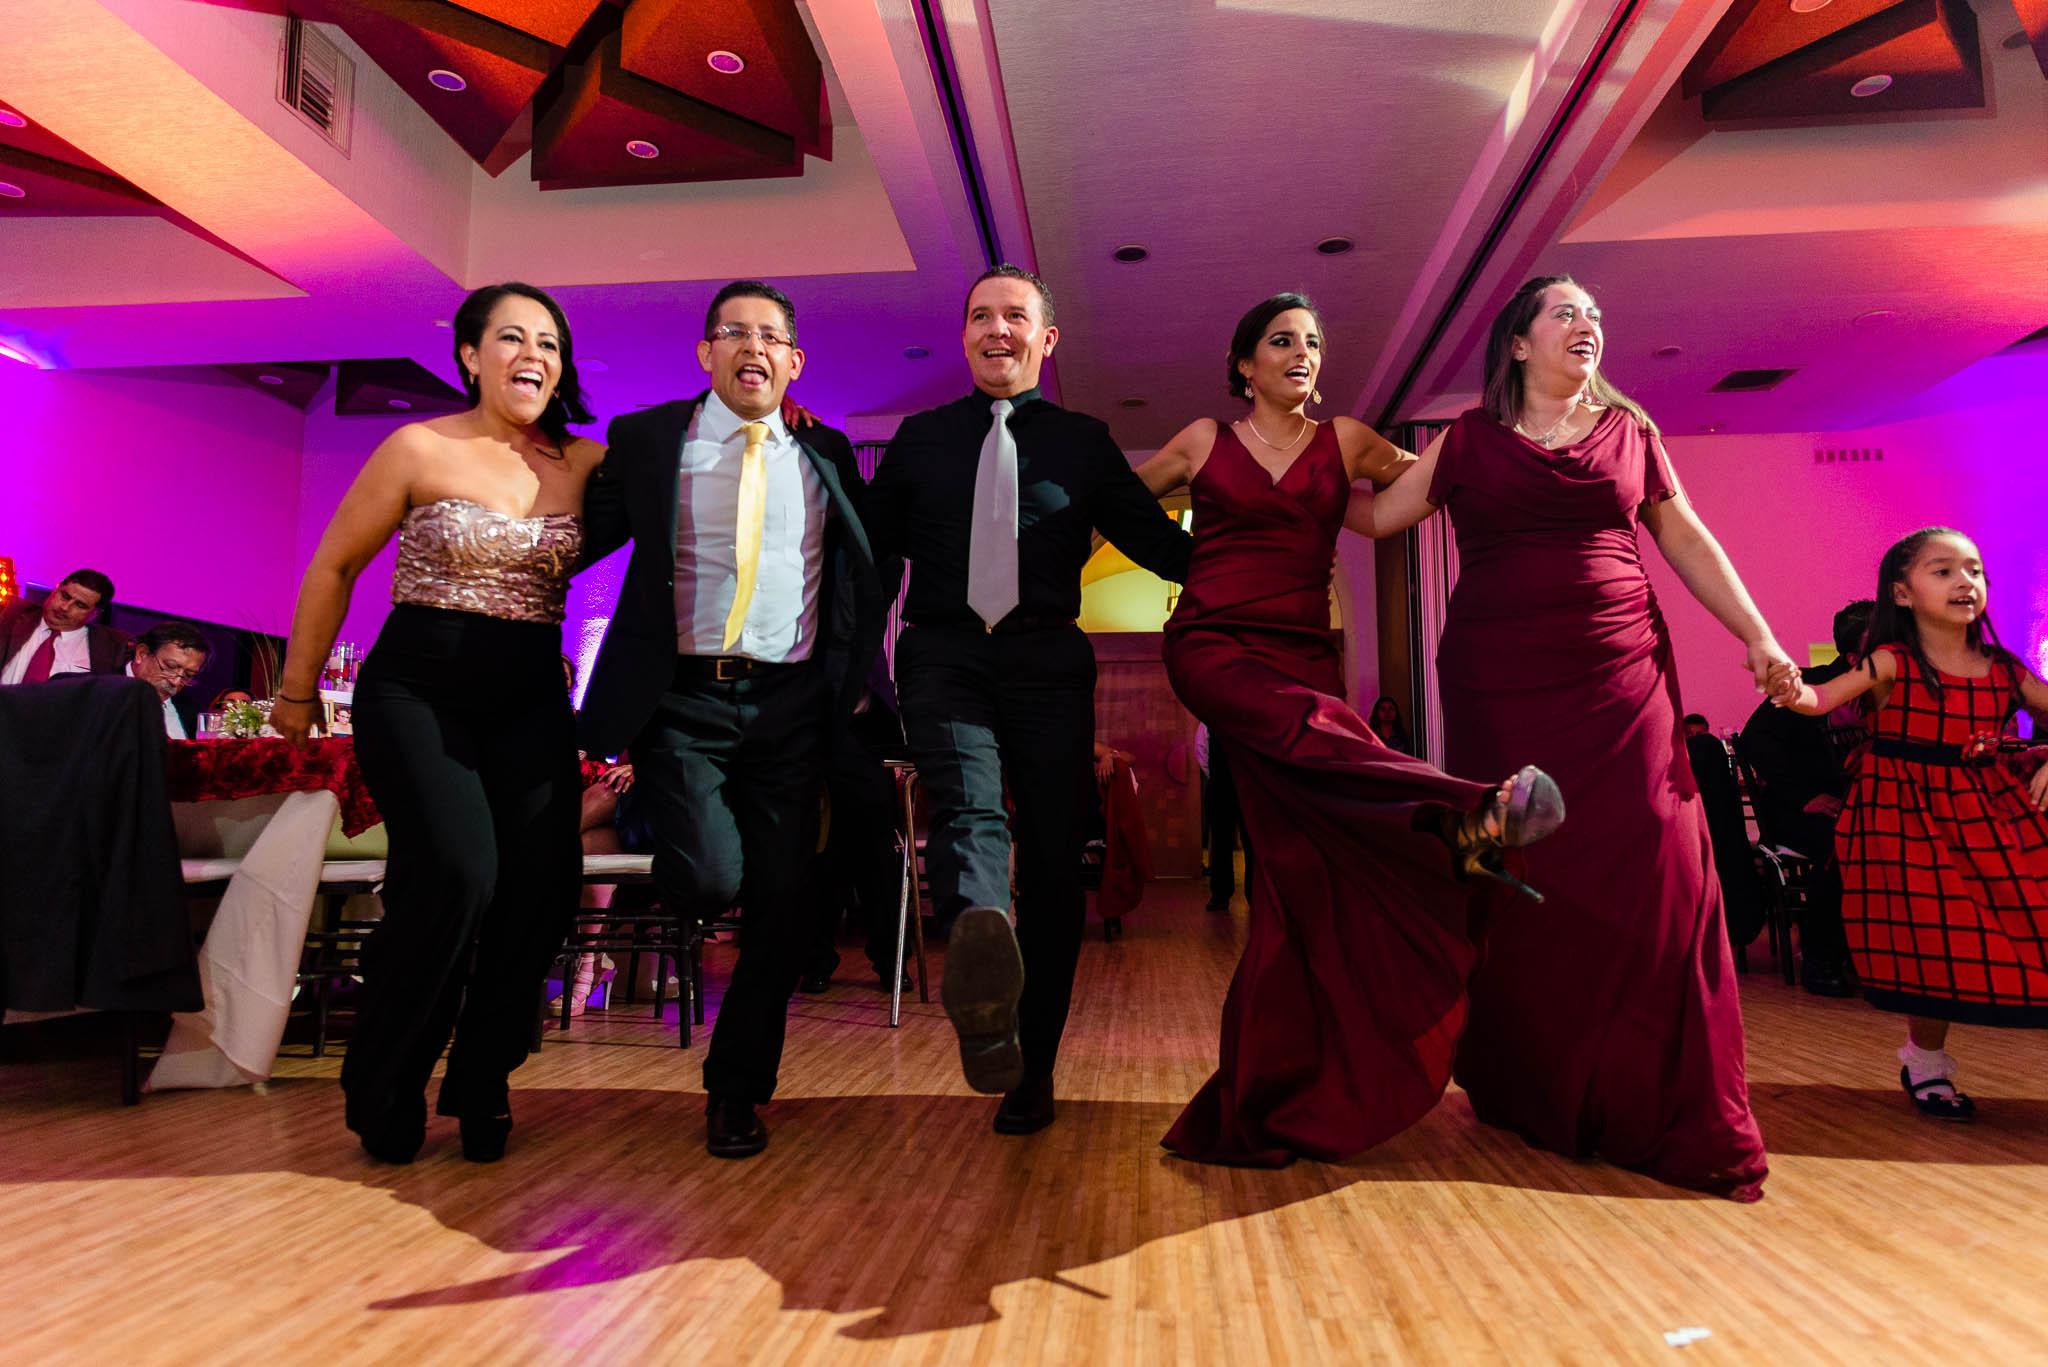 fotografo de bodas san luis potosi boda mexico wedding destination fotos de boda 243